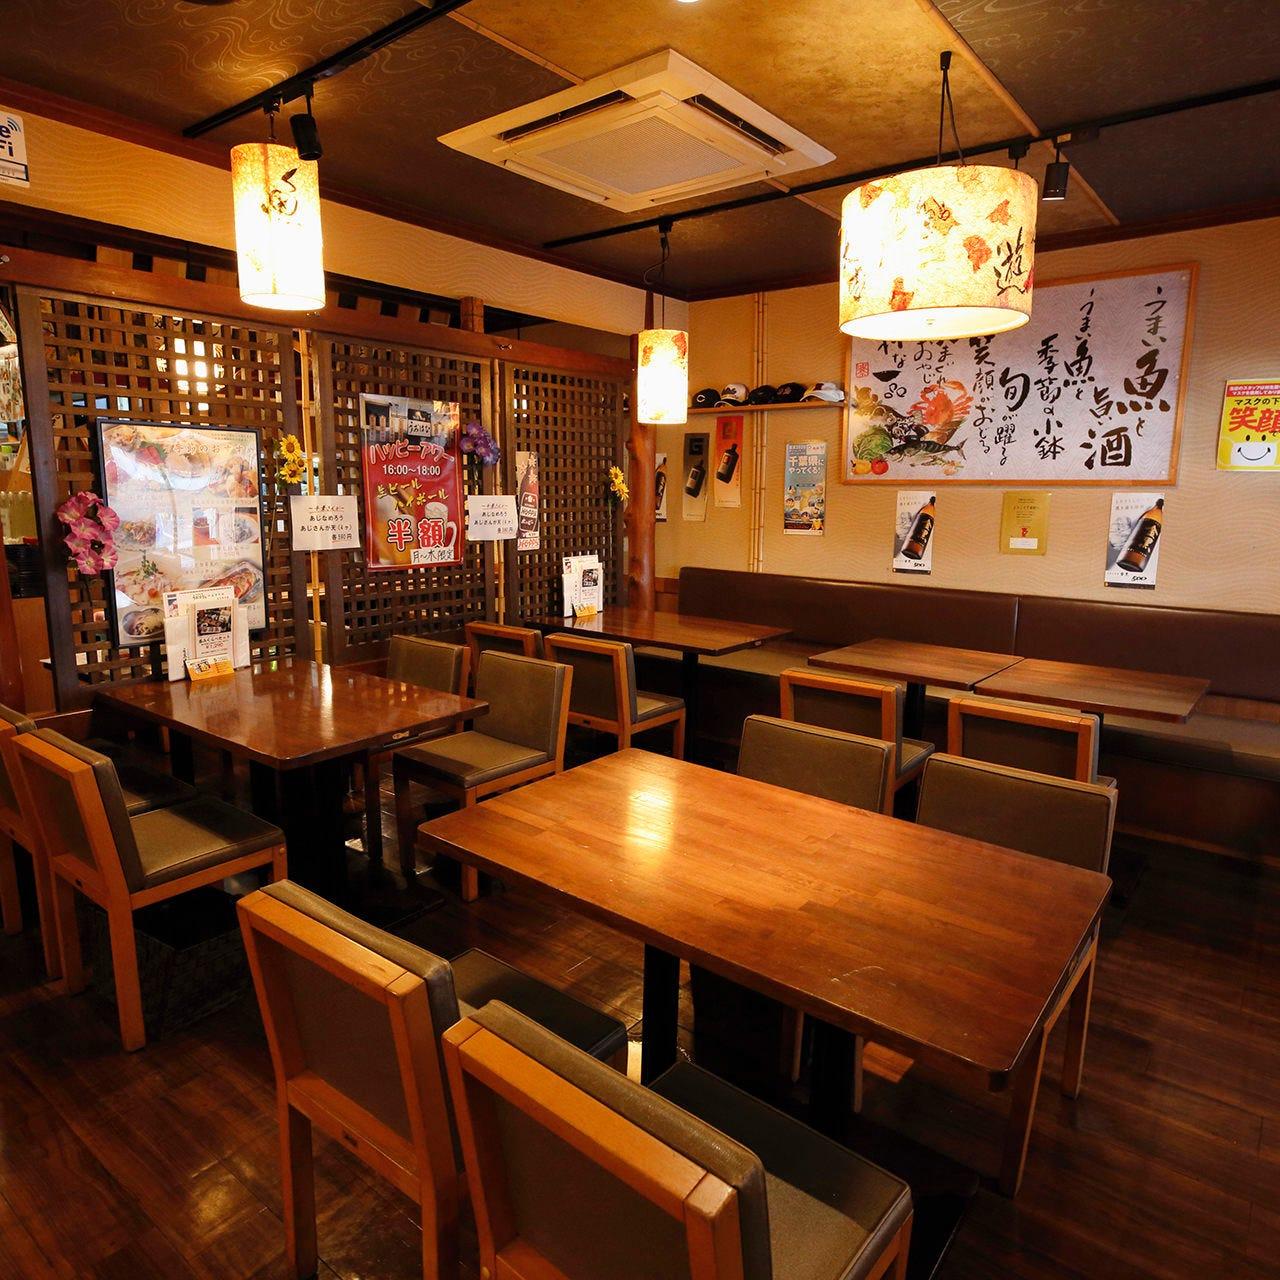 【ディナータイム限定!席のみ予約】生ビール1杯サービス!料理は当日ご注文ください。